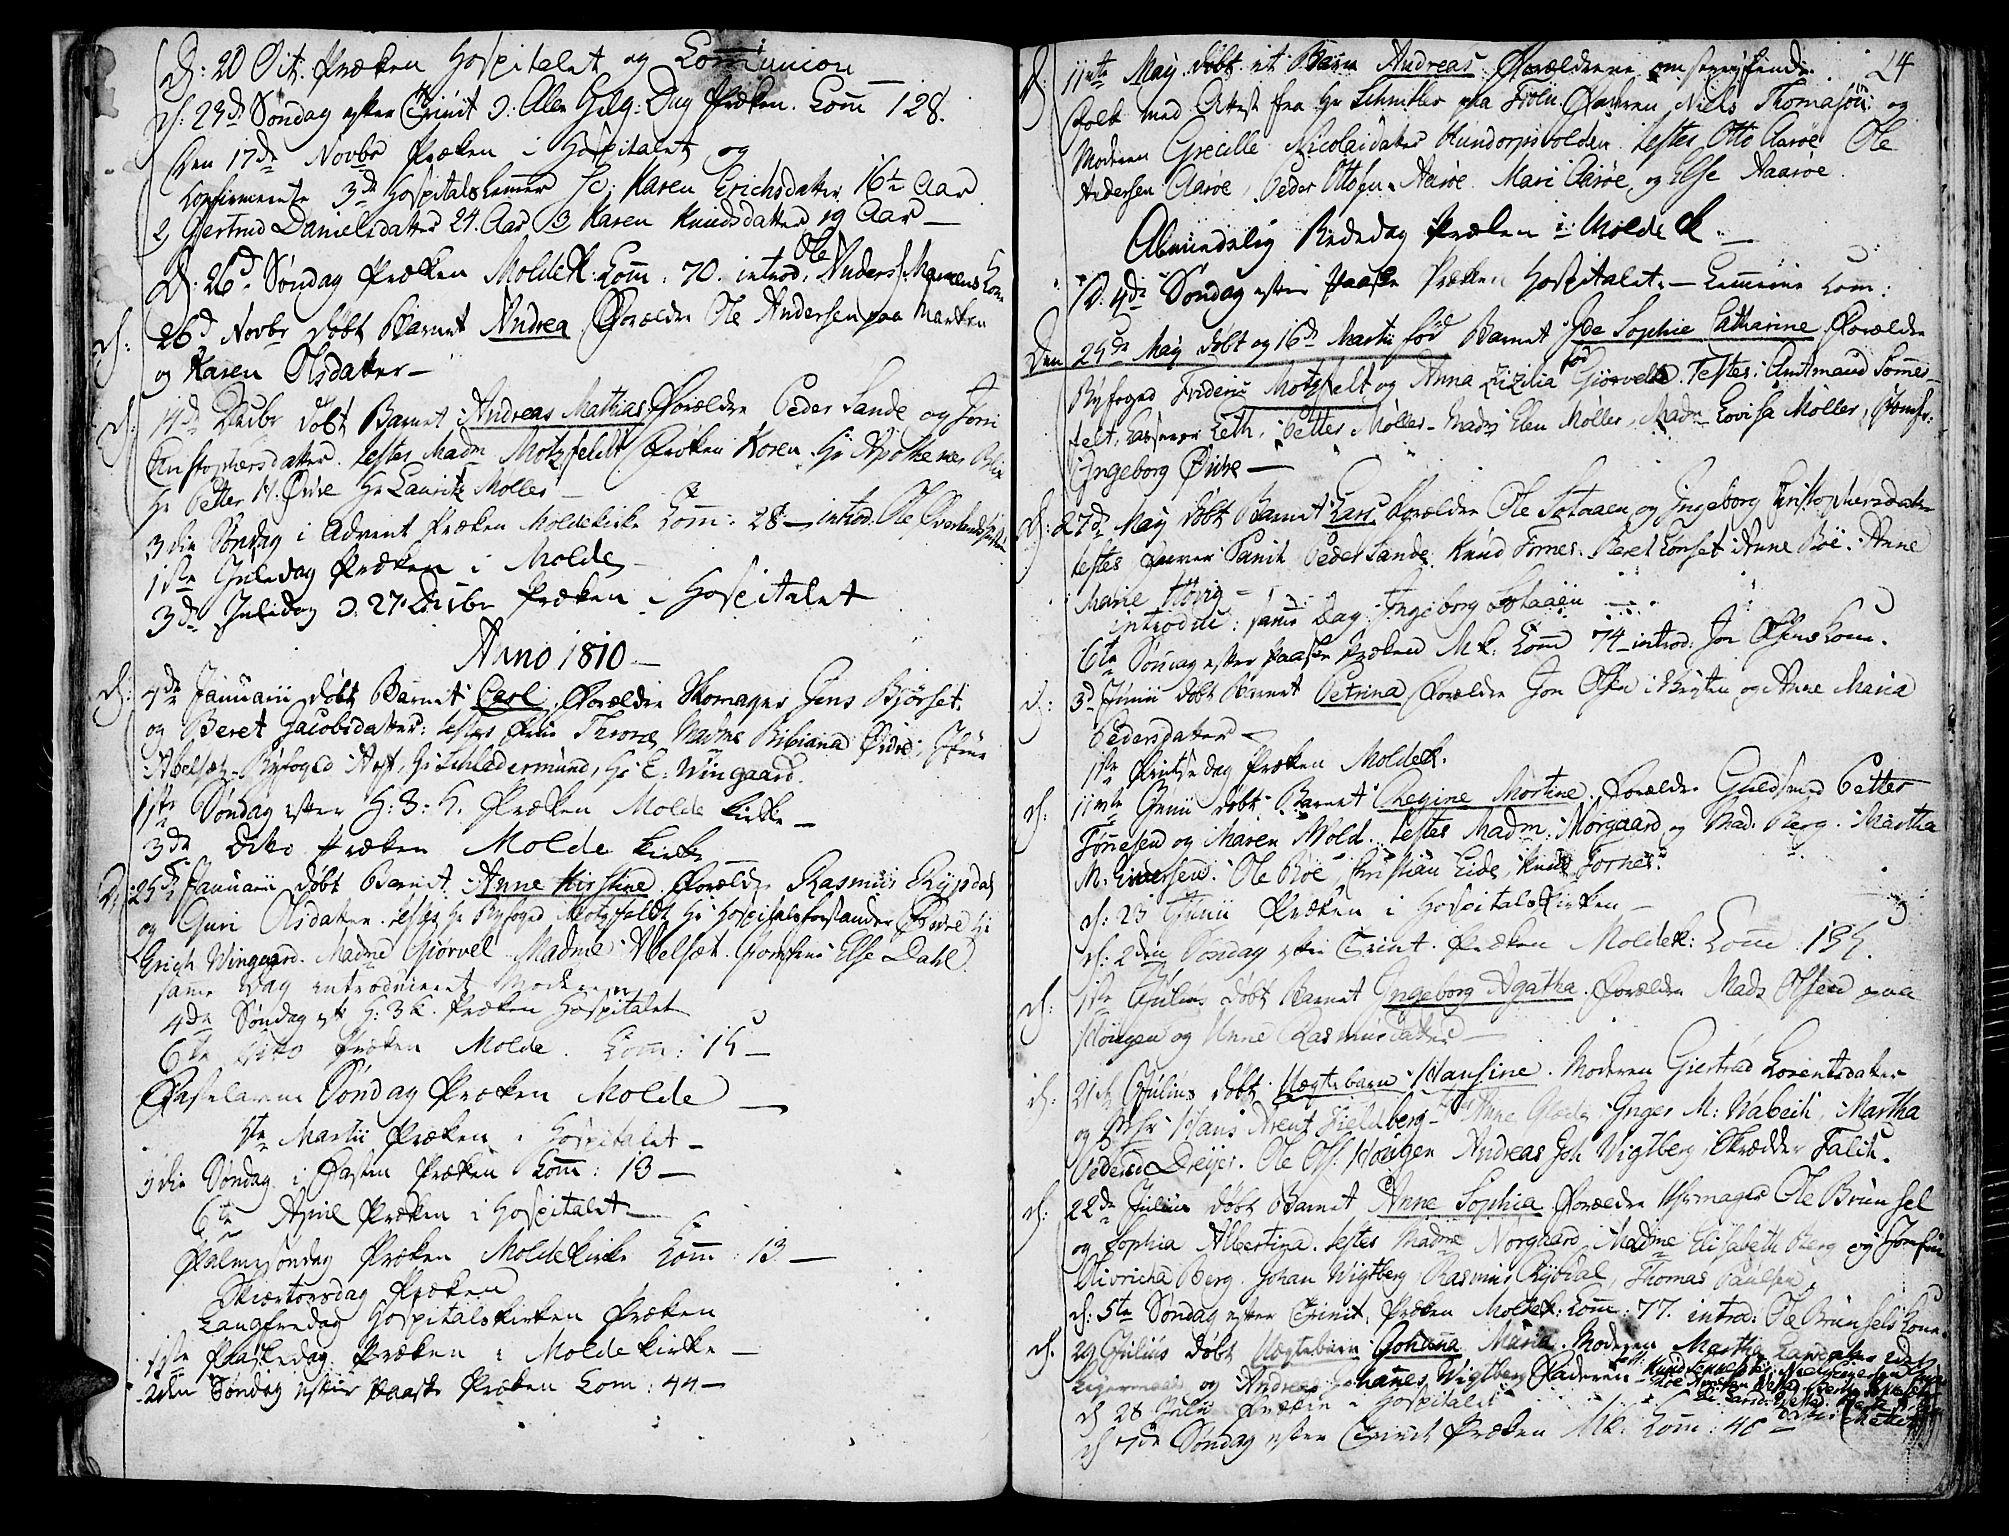 SAT, Ministerialprotokoller, klokkerbøker og fødselsregistre - Møre og Romsdal, 558/L0687: Parish register (official) no. 558A01, 1798-1818, p. 24